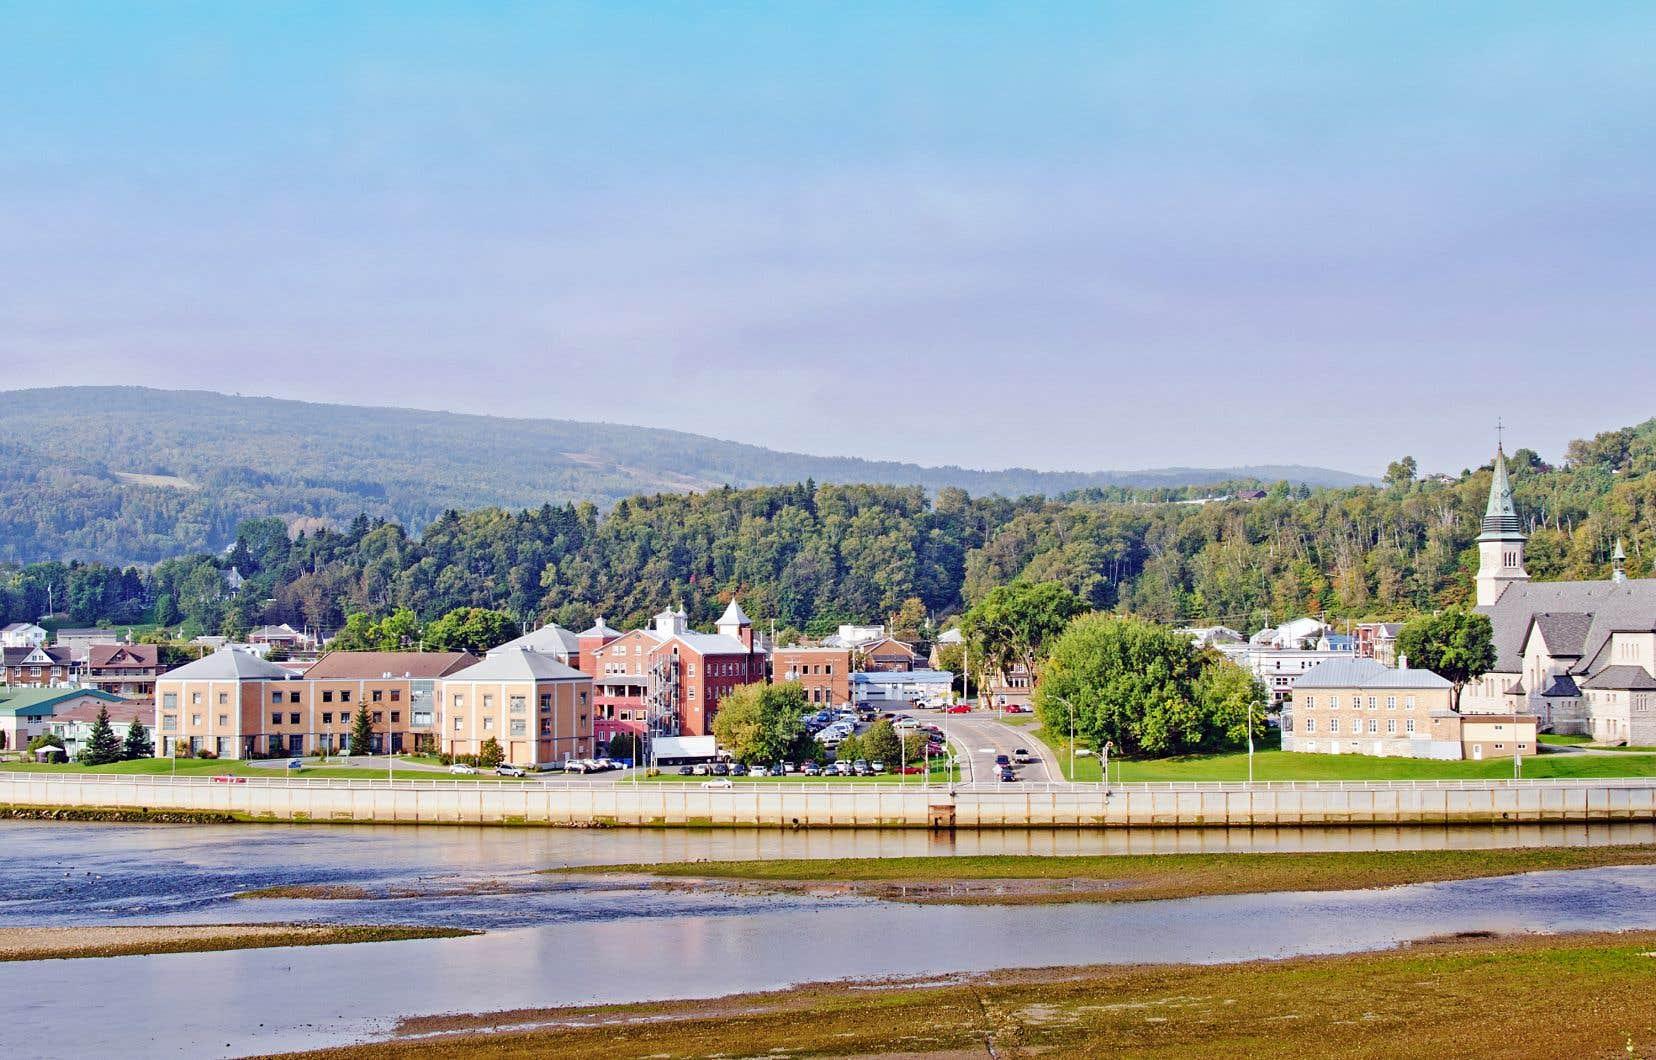 L'hôpital est situé au cœur de cette ville sise dans la région de Charlevoix.